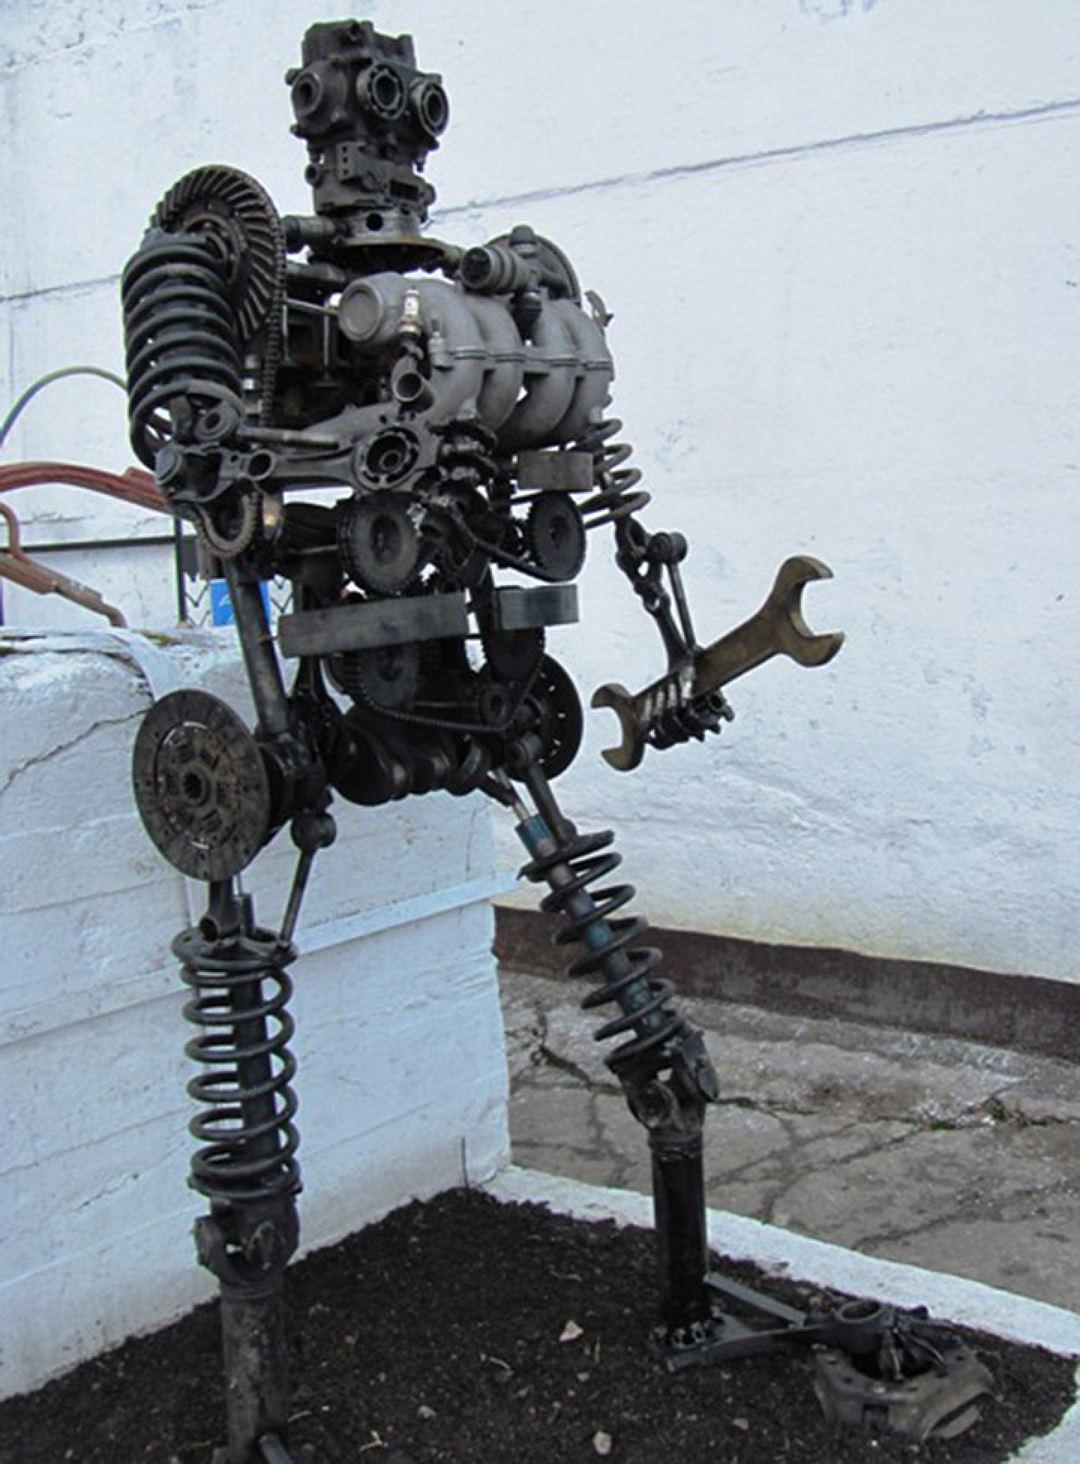 дольмены фото скелетов человека из автомобильных запчастей разработку